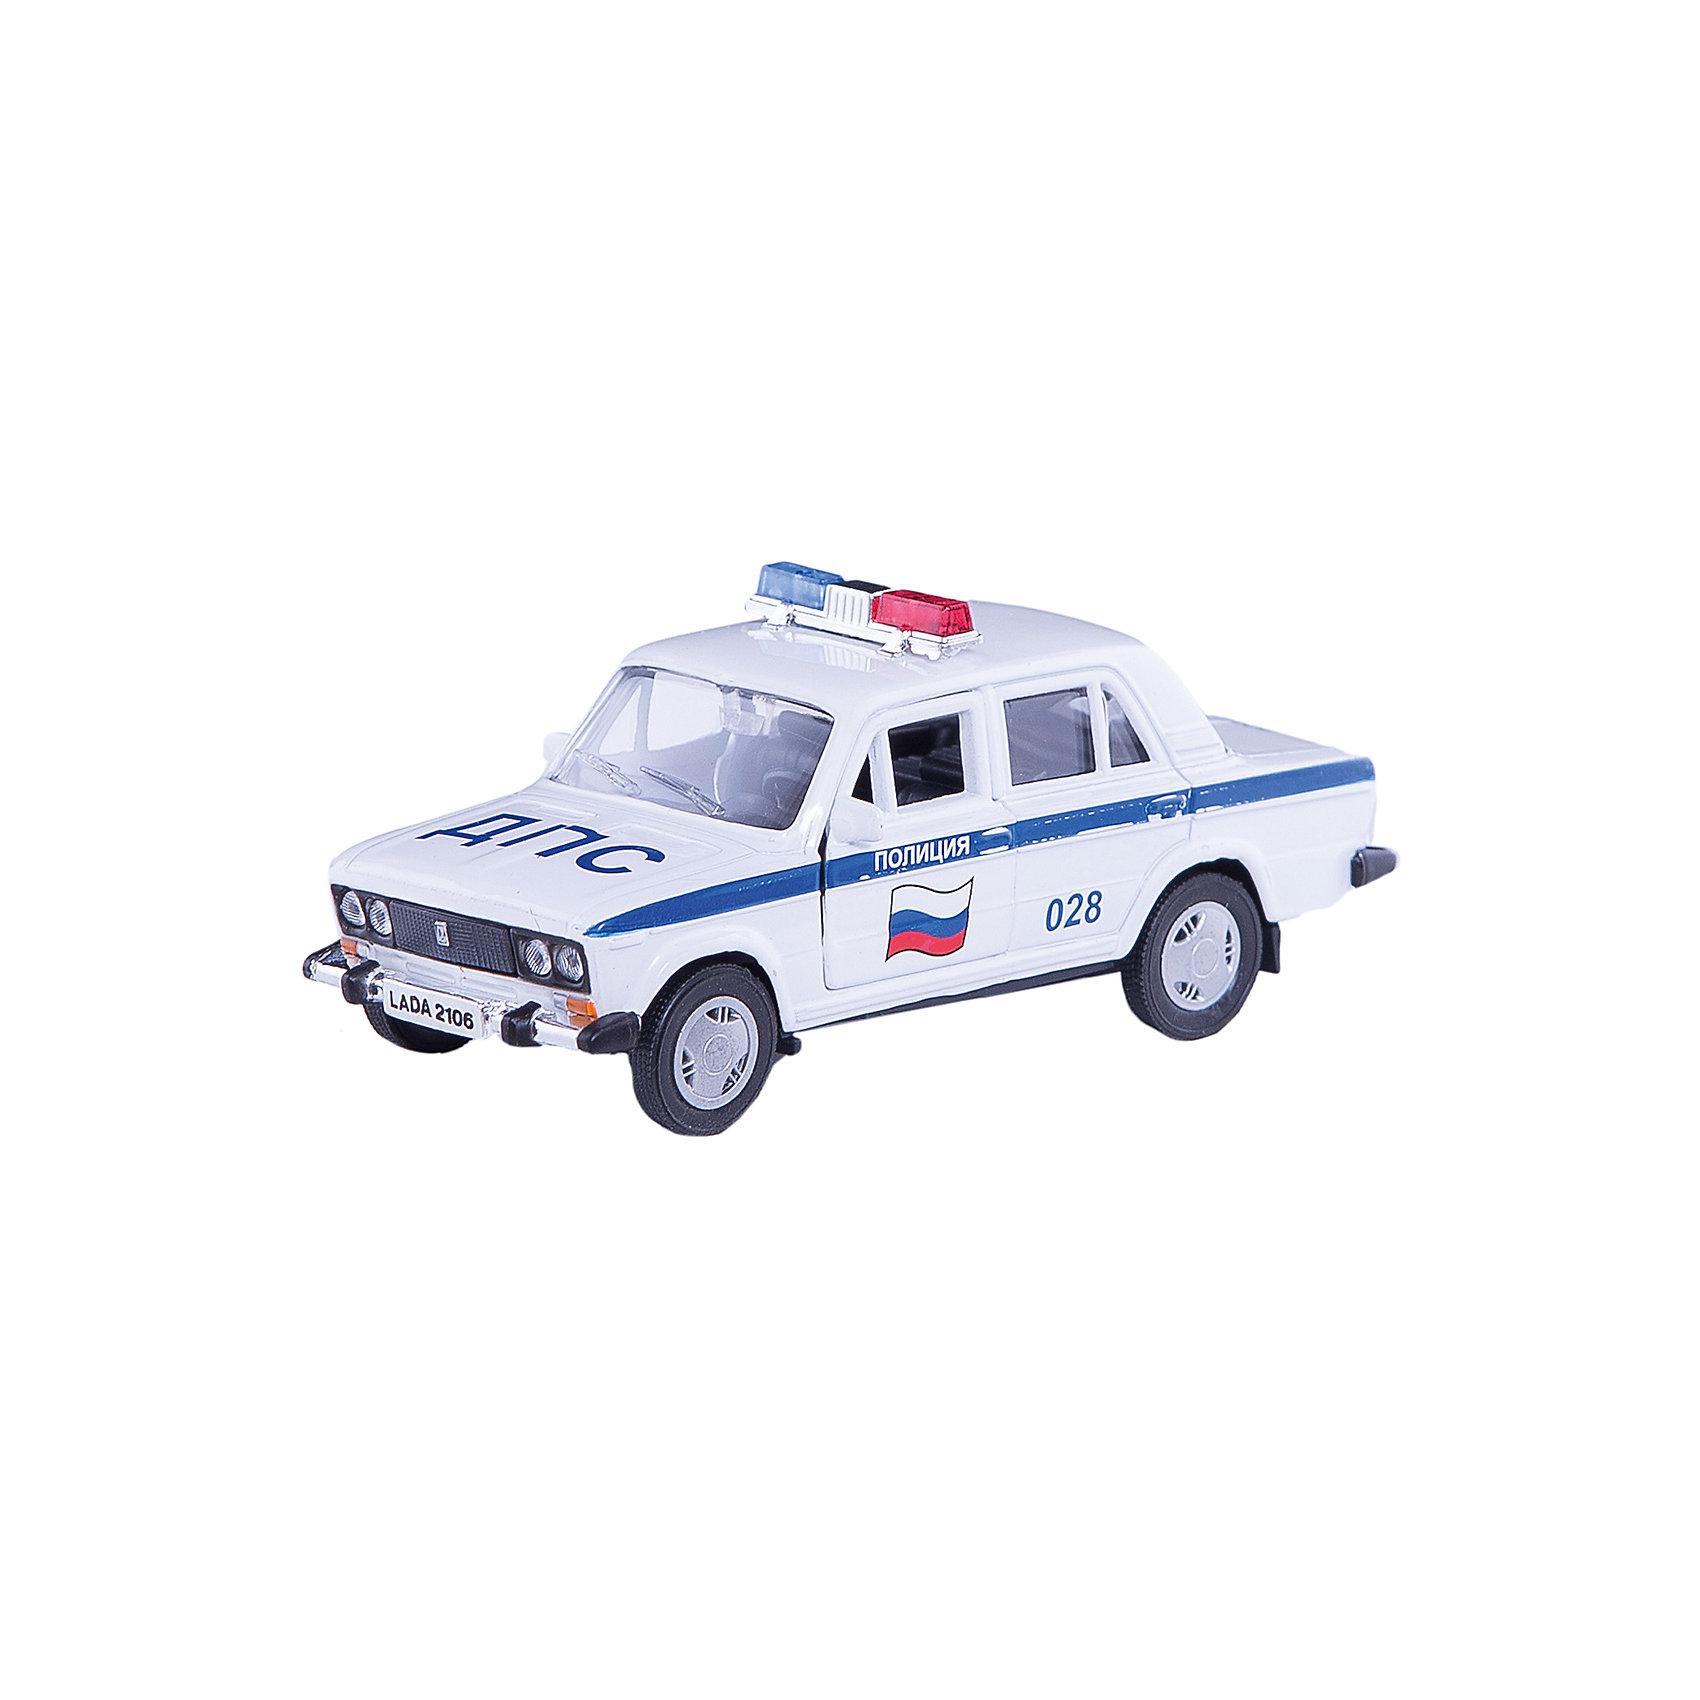 Машинка Lada 2106 полиция 1:36, AutotimeМашинки<br>Характеристики товара:<br><br>• цвет: белый<br>• материал: металл, пластик<br>• размер: 16,5х7,х5,7 см<br>• вес: 100 г<br>• масштаб: 1:36<br>• прочный материал<br>• хорошая детализация<br>• открываются двери<br>• страна бренда: Россия<br>• страна производства: Китай<br><br>Коллекционная машинка LADA 2106 полиция от бренда AUTOTIME станет отличным подарком для мальчика. Подробная детализация машинки порадует увлеченного коллекционера, а открывающиеся двери и свободно вращающиеся колеса придутся по душе юному владельцу игрушечного гаража. Эта игрушка подарит восторг и радость вашему ребенку. <br><br>Игрушка также воздействует на наглядно-образное мышление, логическое мышление, развивает мелкую моторику. Изделие выполнено из сертифицированных материалов, безопасных для детей.<br><br>Машинку «Lada 2106» полиция от бренда AUTOTIME можно купить в нашем интернет-магазине.<br><br>Ширина мм: 165<br>Глубина мм: 57<br>Высота мм: 75<br>Вес г: 13<br>Возраст от месяцев: 36<br>Возраст до месяцев: 2147483647<br>Пол: Мужской<br>Возраст: Детский<br>SKU: 5583937